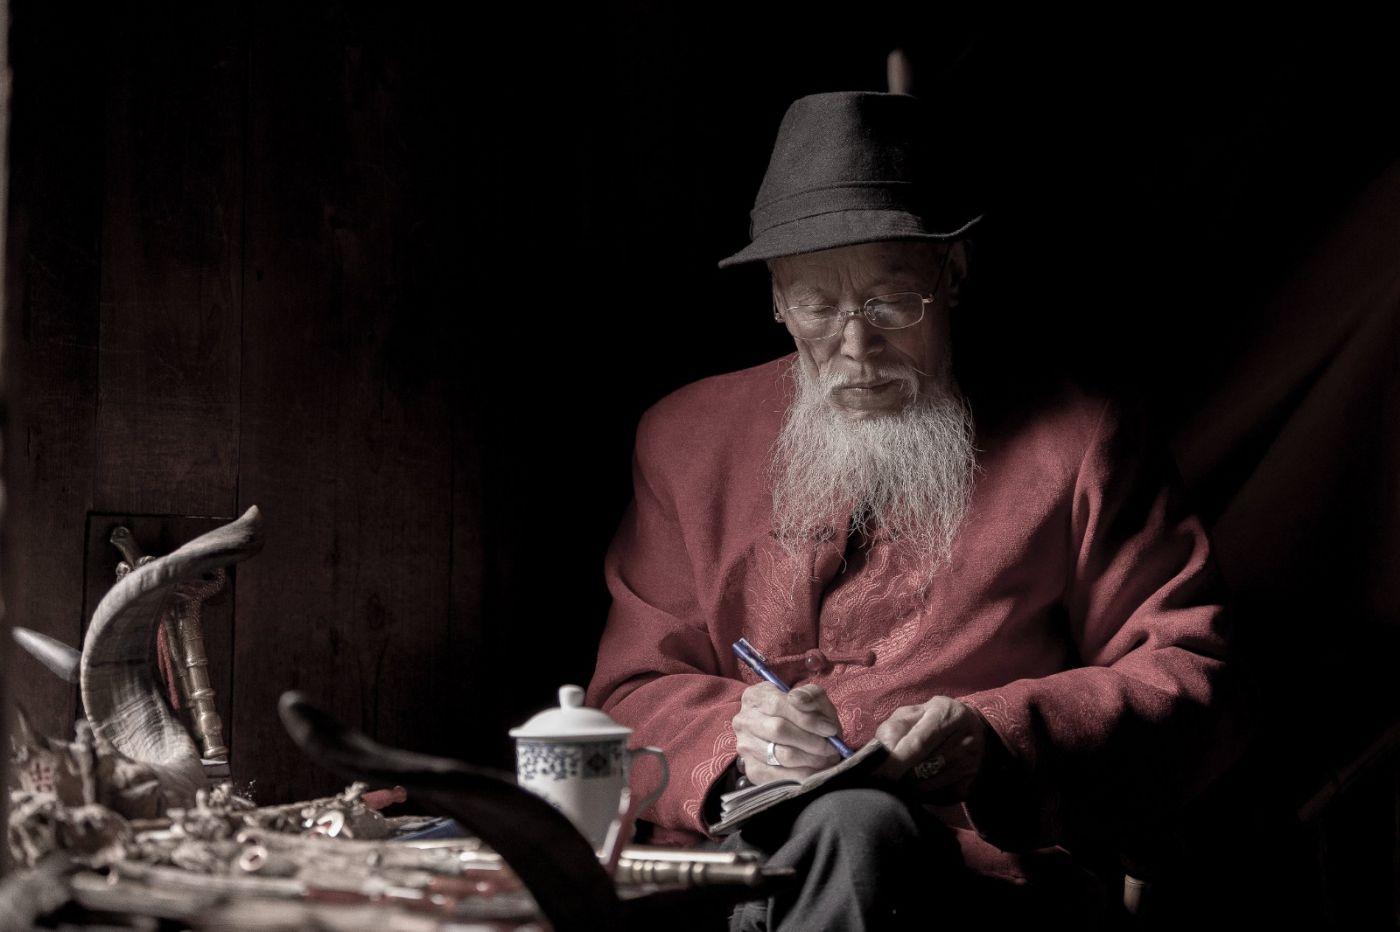 泡在成都老茶馆 感受销魂时刻 喝大茶 掏耳朵 拍美女 生活真美好 ..._图1-12